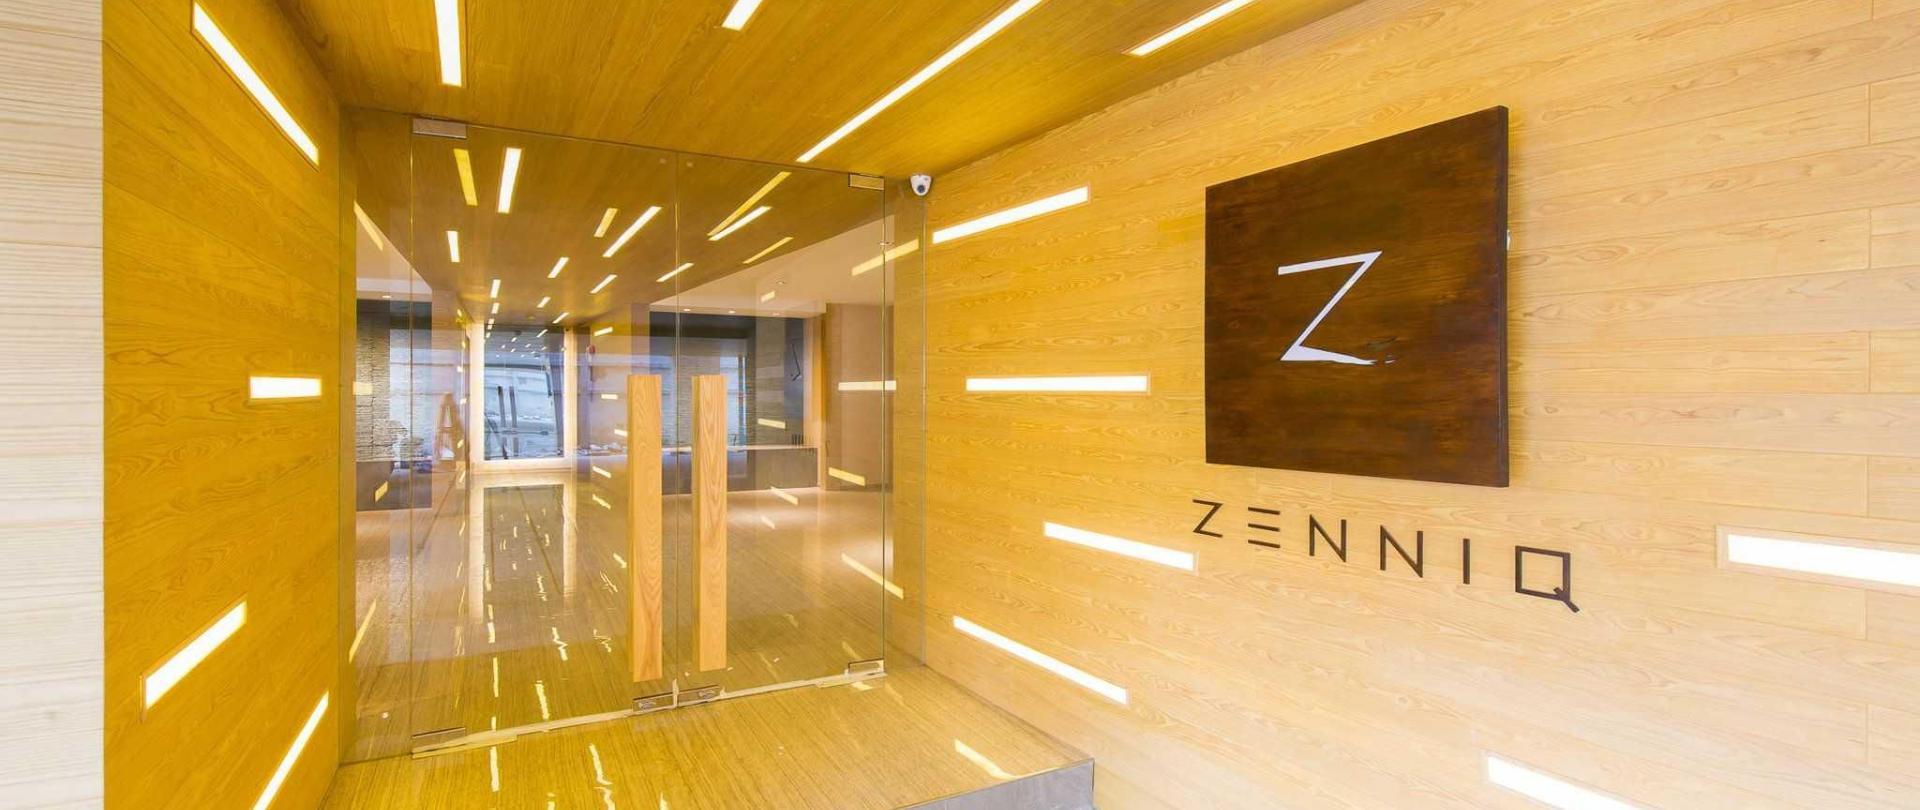 zenniq_hotel-71.jpg